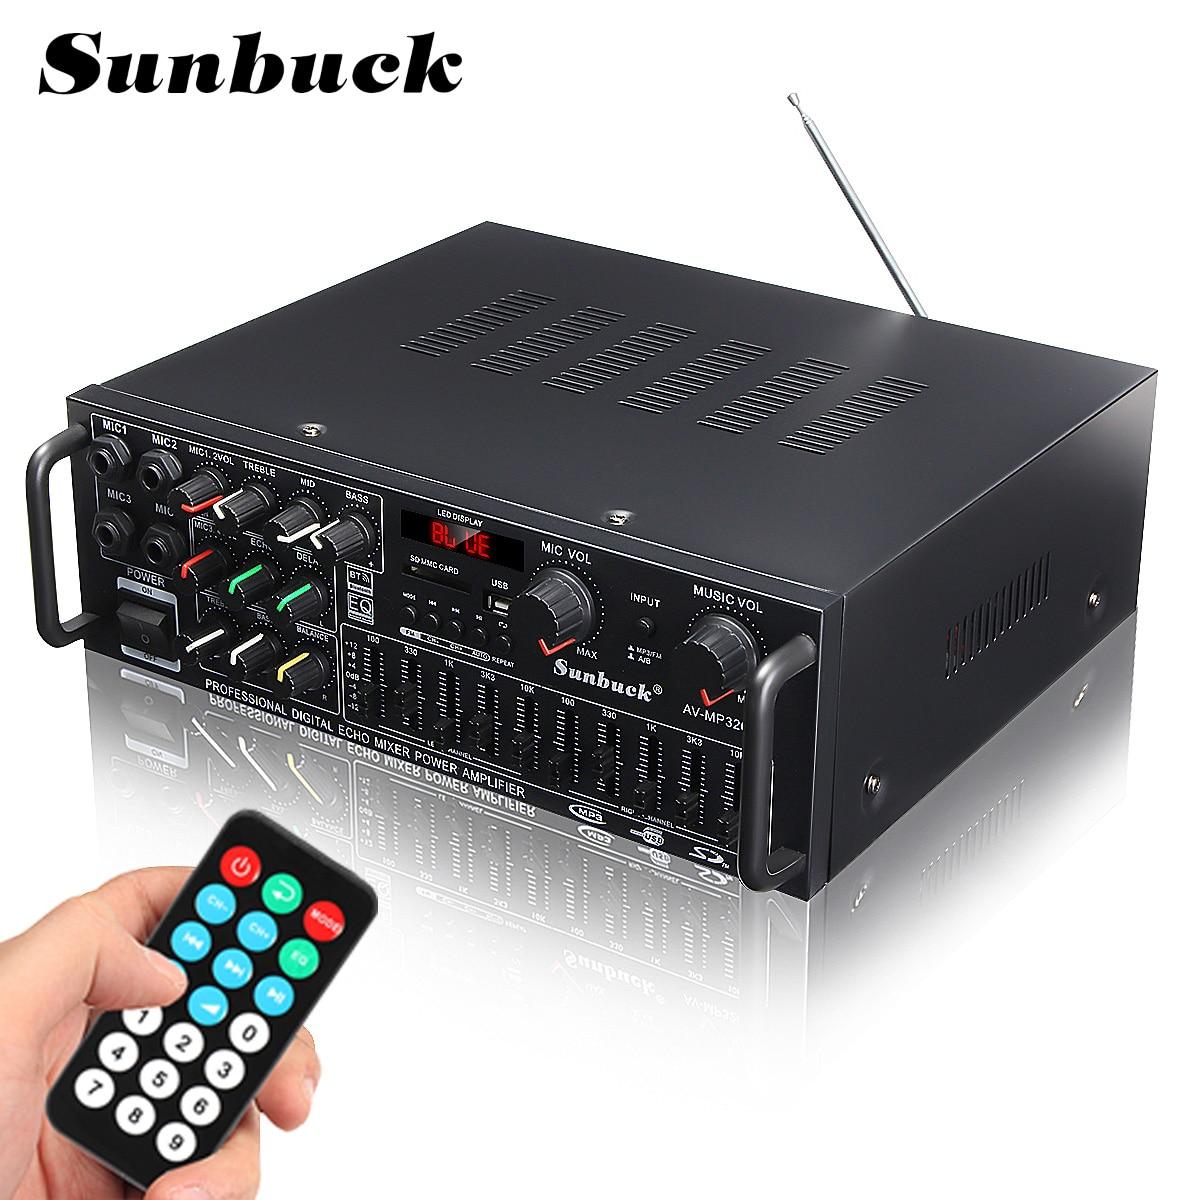 Канал SUNBUCK bluetooth 2000 Вт аудио Мощность HiFi усилитель 326BT 12 В/220 В AV Amp динамик с дистанционным управлением для автомобиля дома